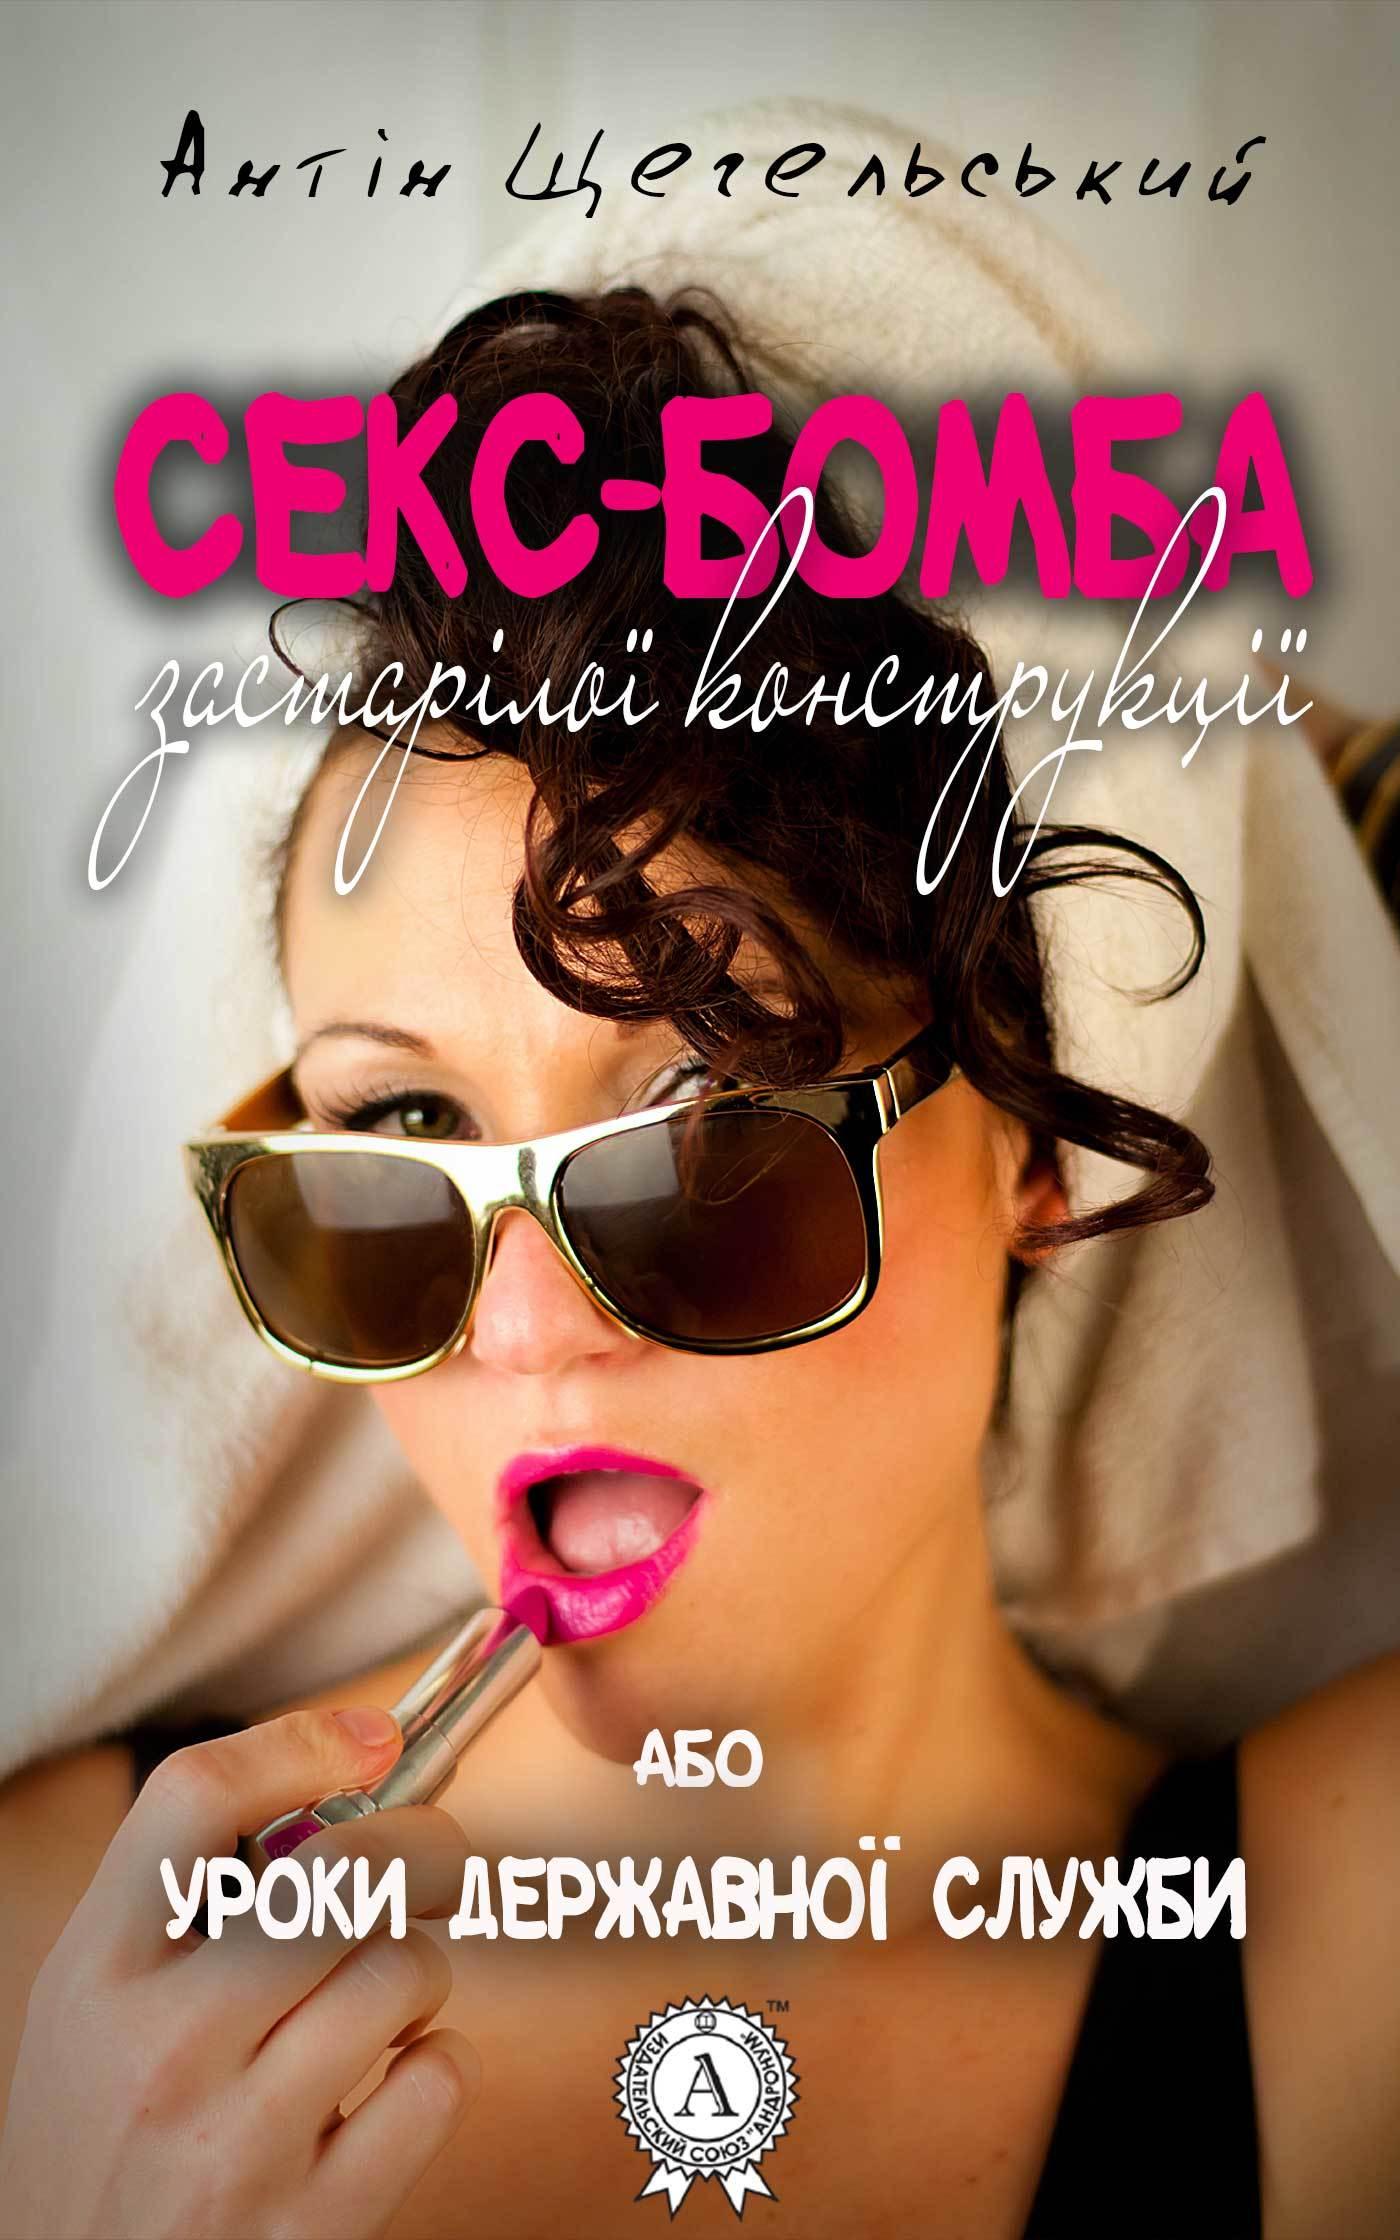 Антін Щегельський Секс-бомба застарілої конструкції, або Уроки державної служби антін щегельський мемуари українського казанови